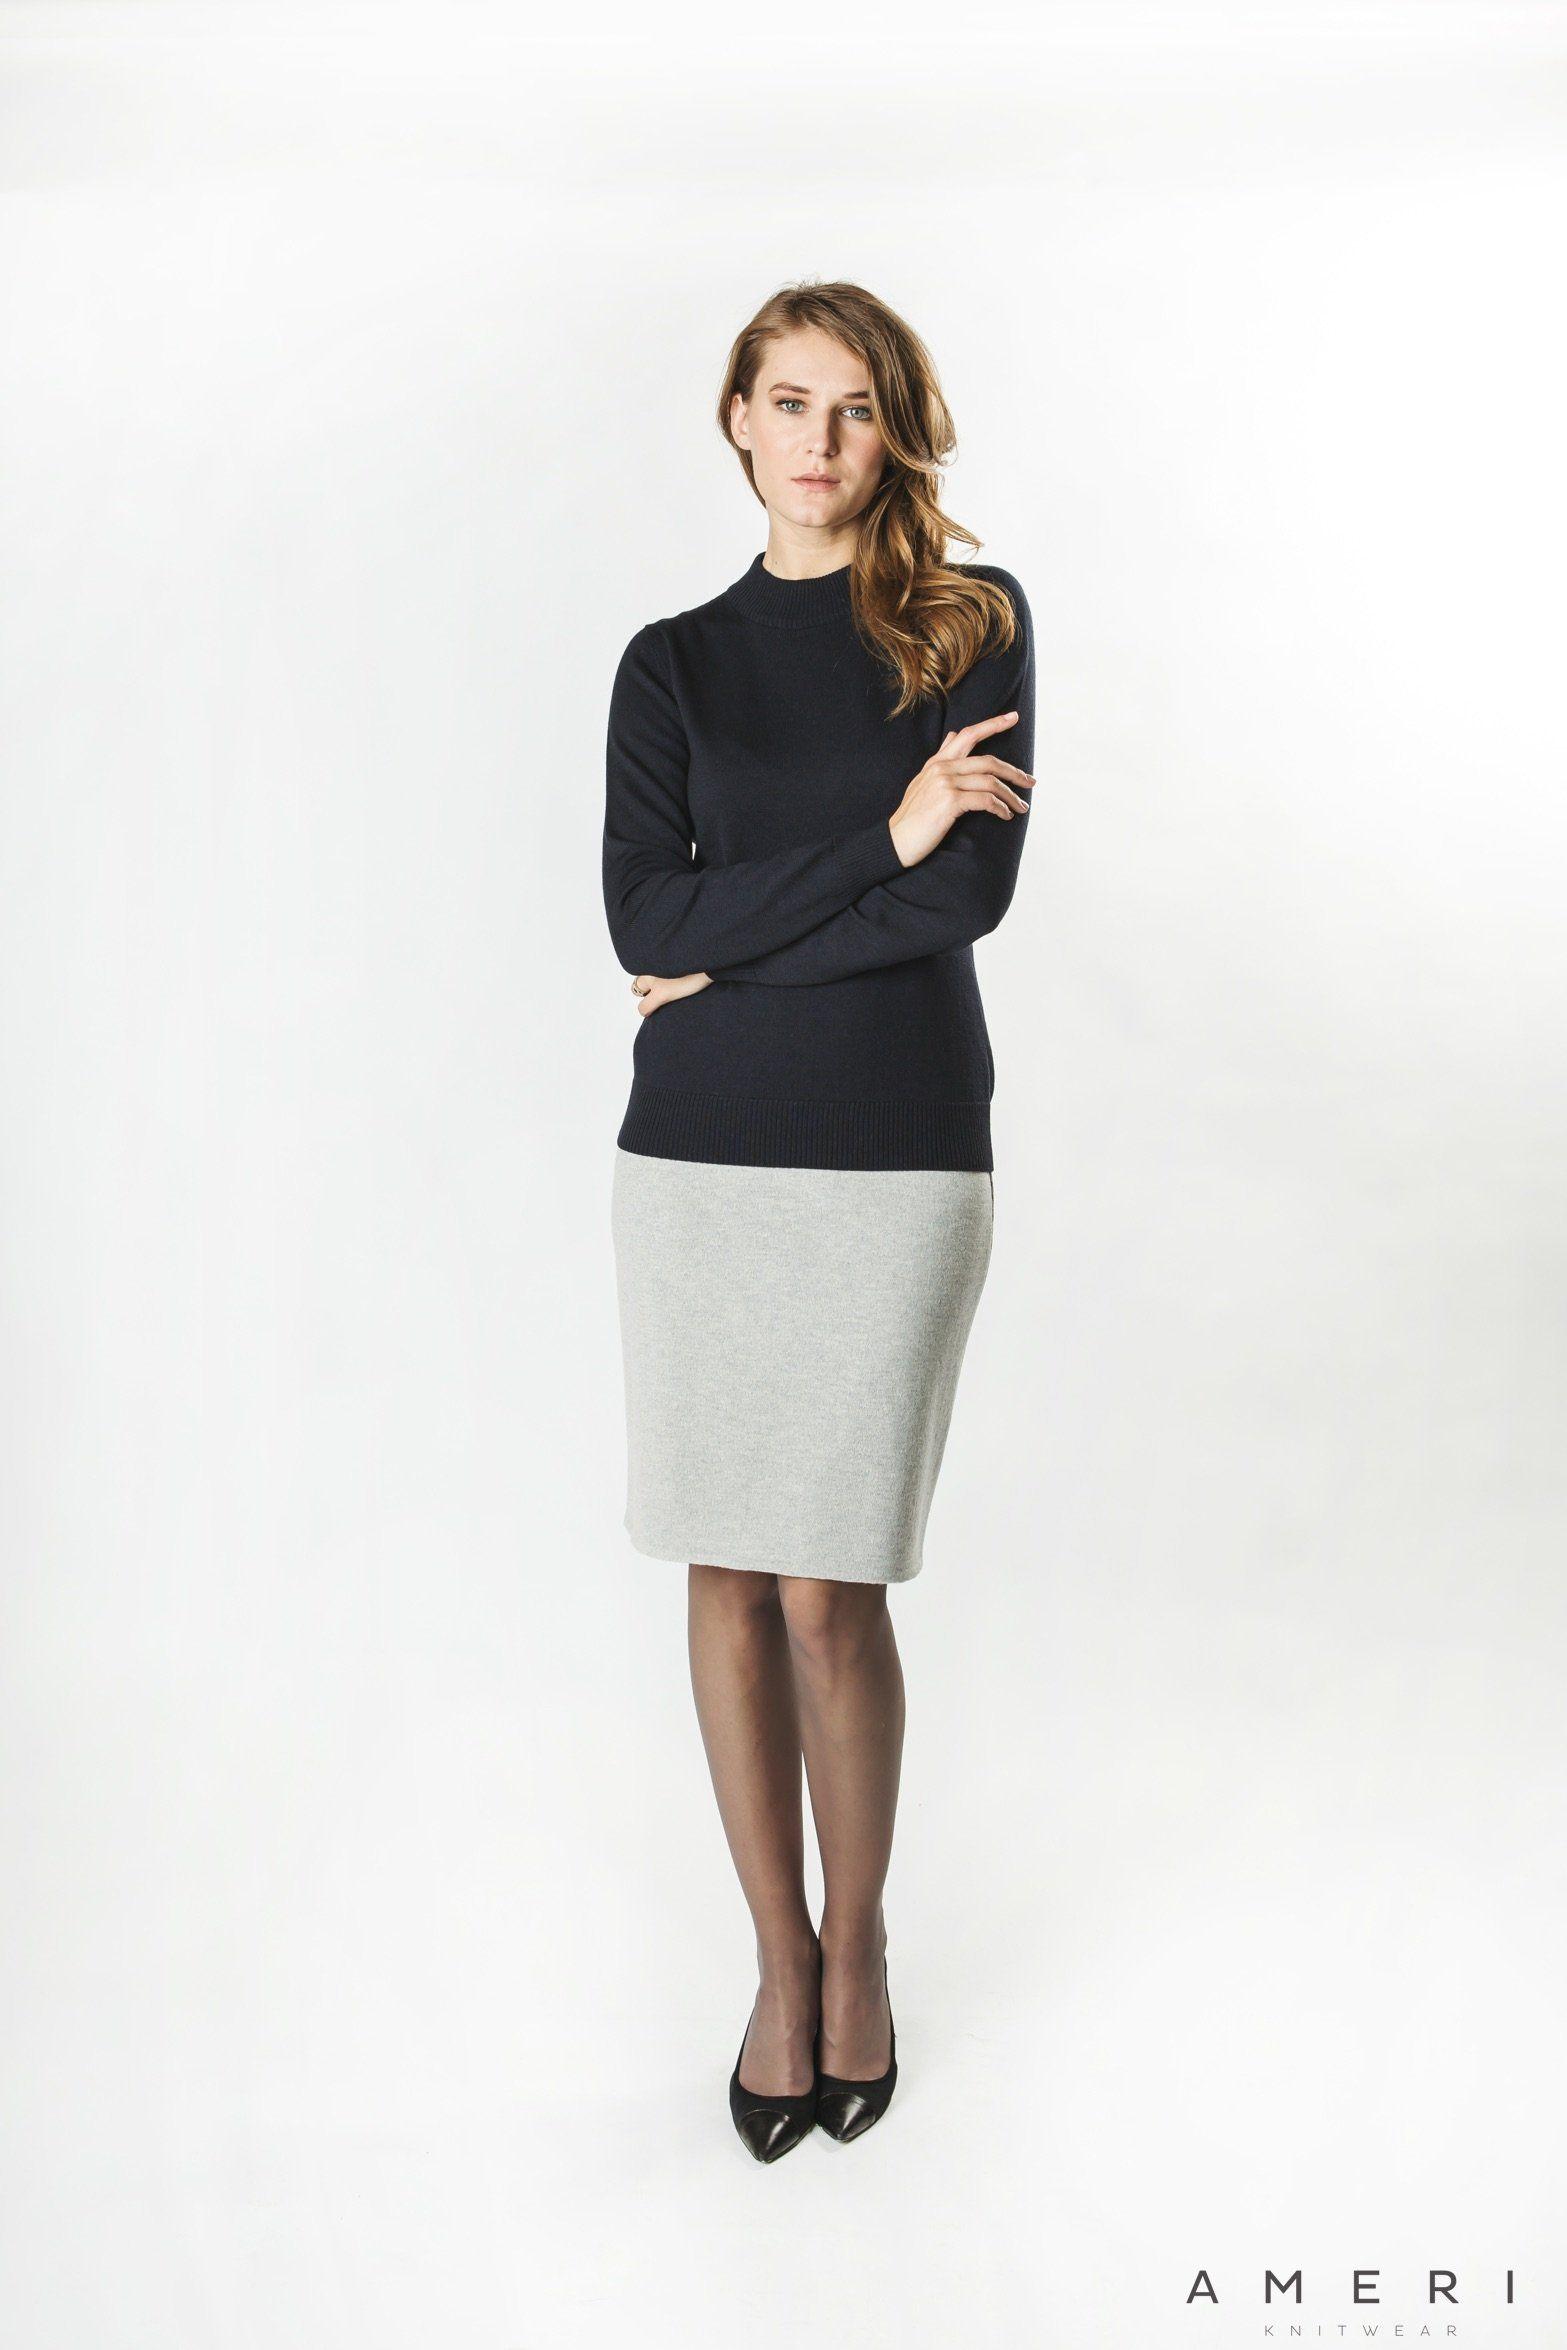 Merino džemperis ar stāvkrādziņu